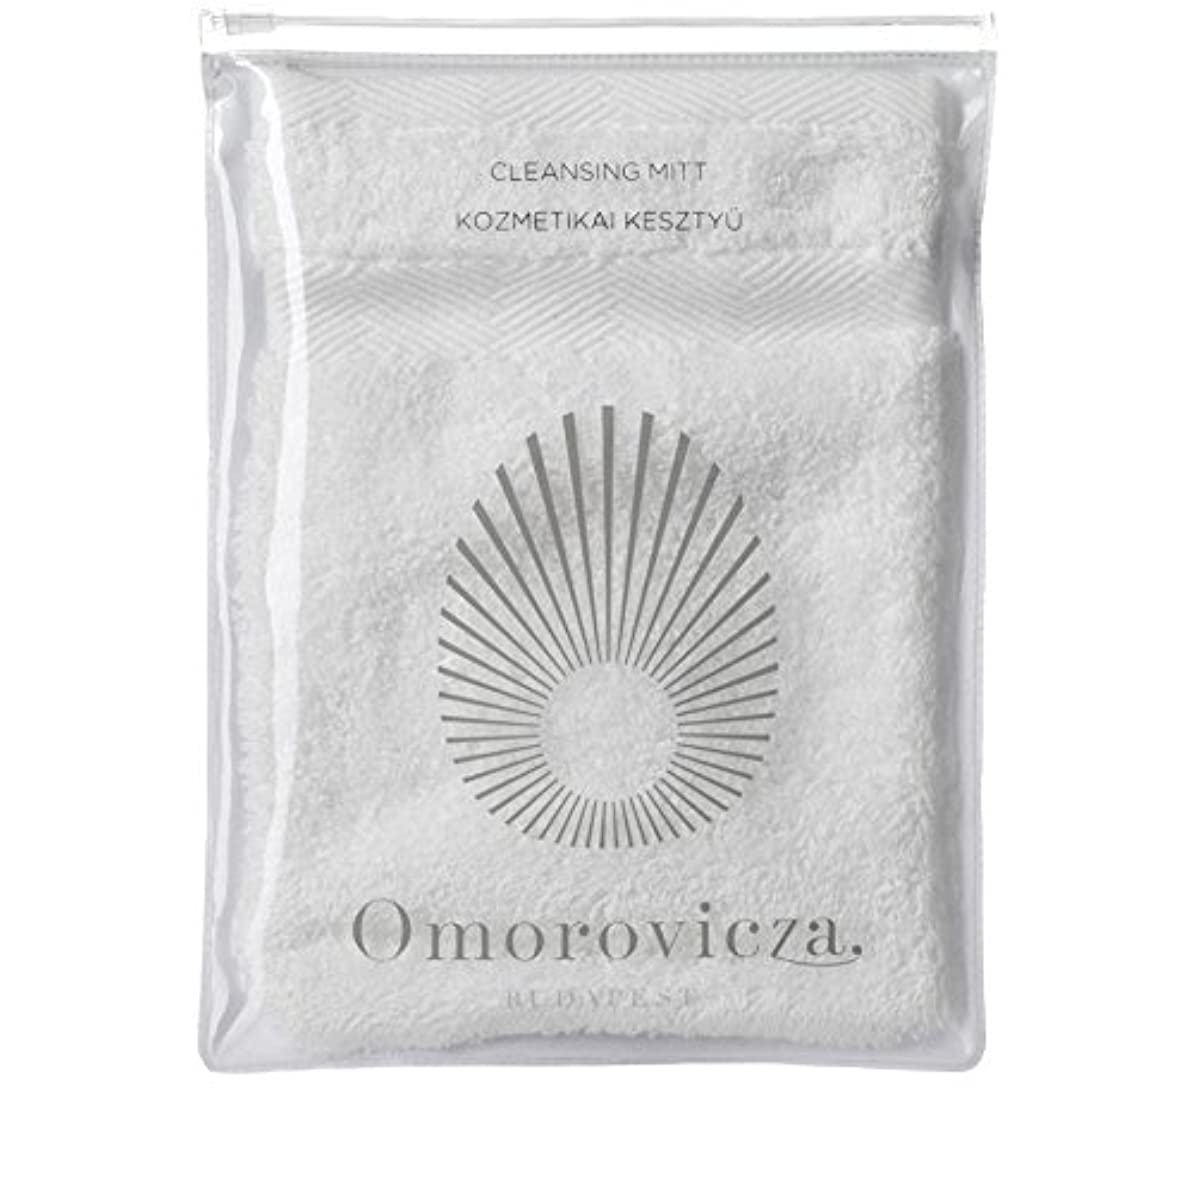 クレンジング顔のミット、 x4 - Omorovicza Cleansing Facial Mitt, Omorovicza (Pack of 4) [並行輸入品]